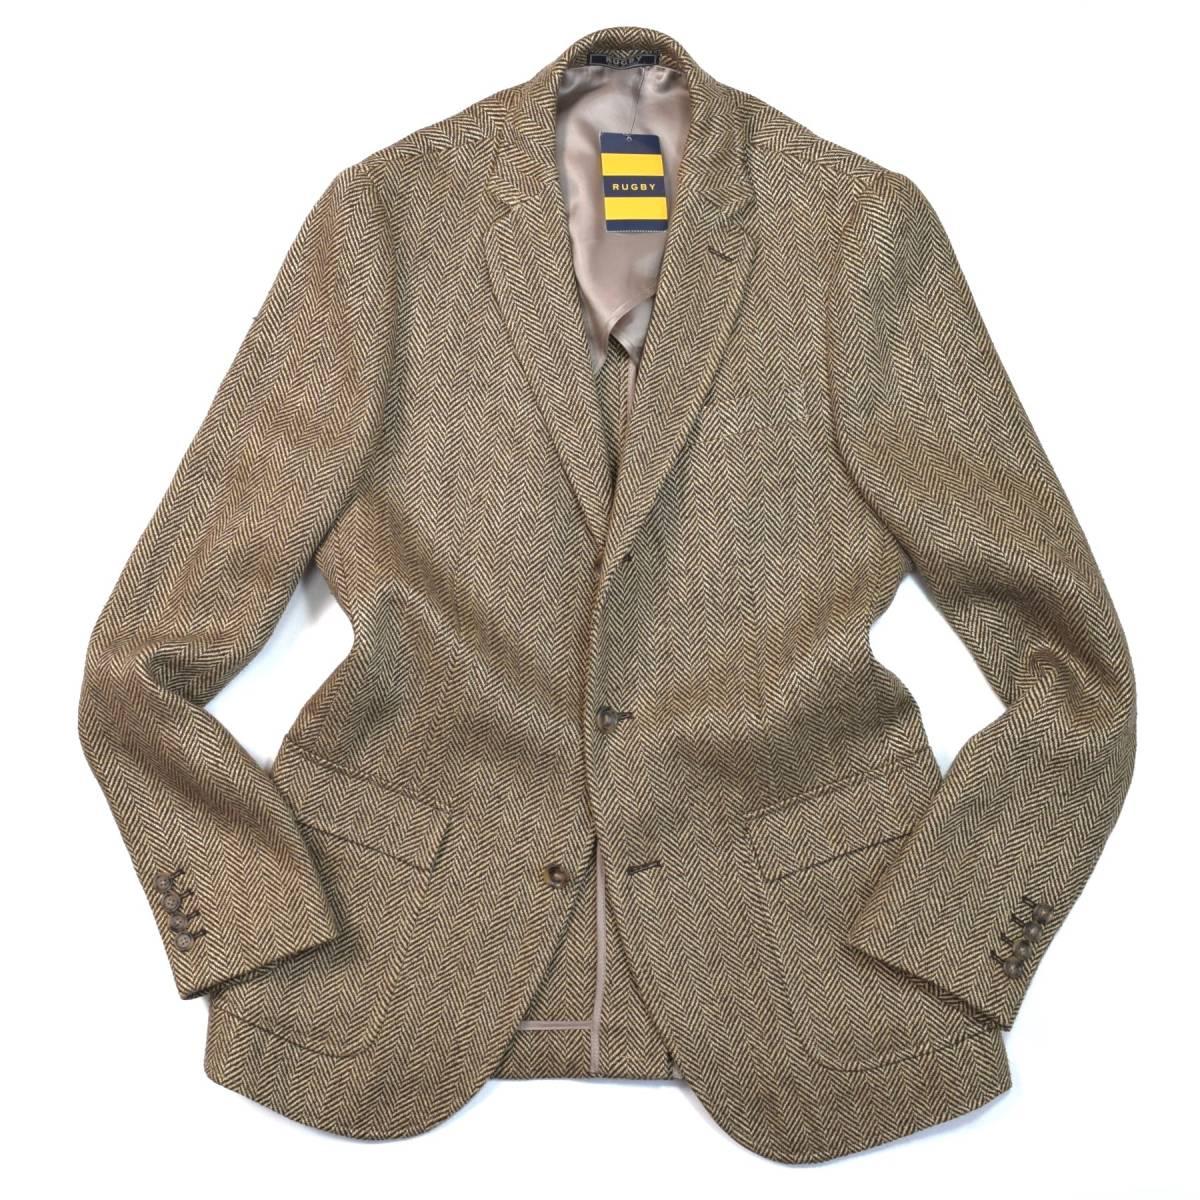 至高の銘品◎!!! ラルフローレン「RUGBY」紳士の品格溢れる上質なサマーツイード / 本格派のトラッド感を纏う 春夏 ジャケット (40L) XL程